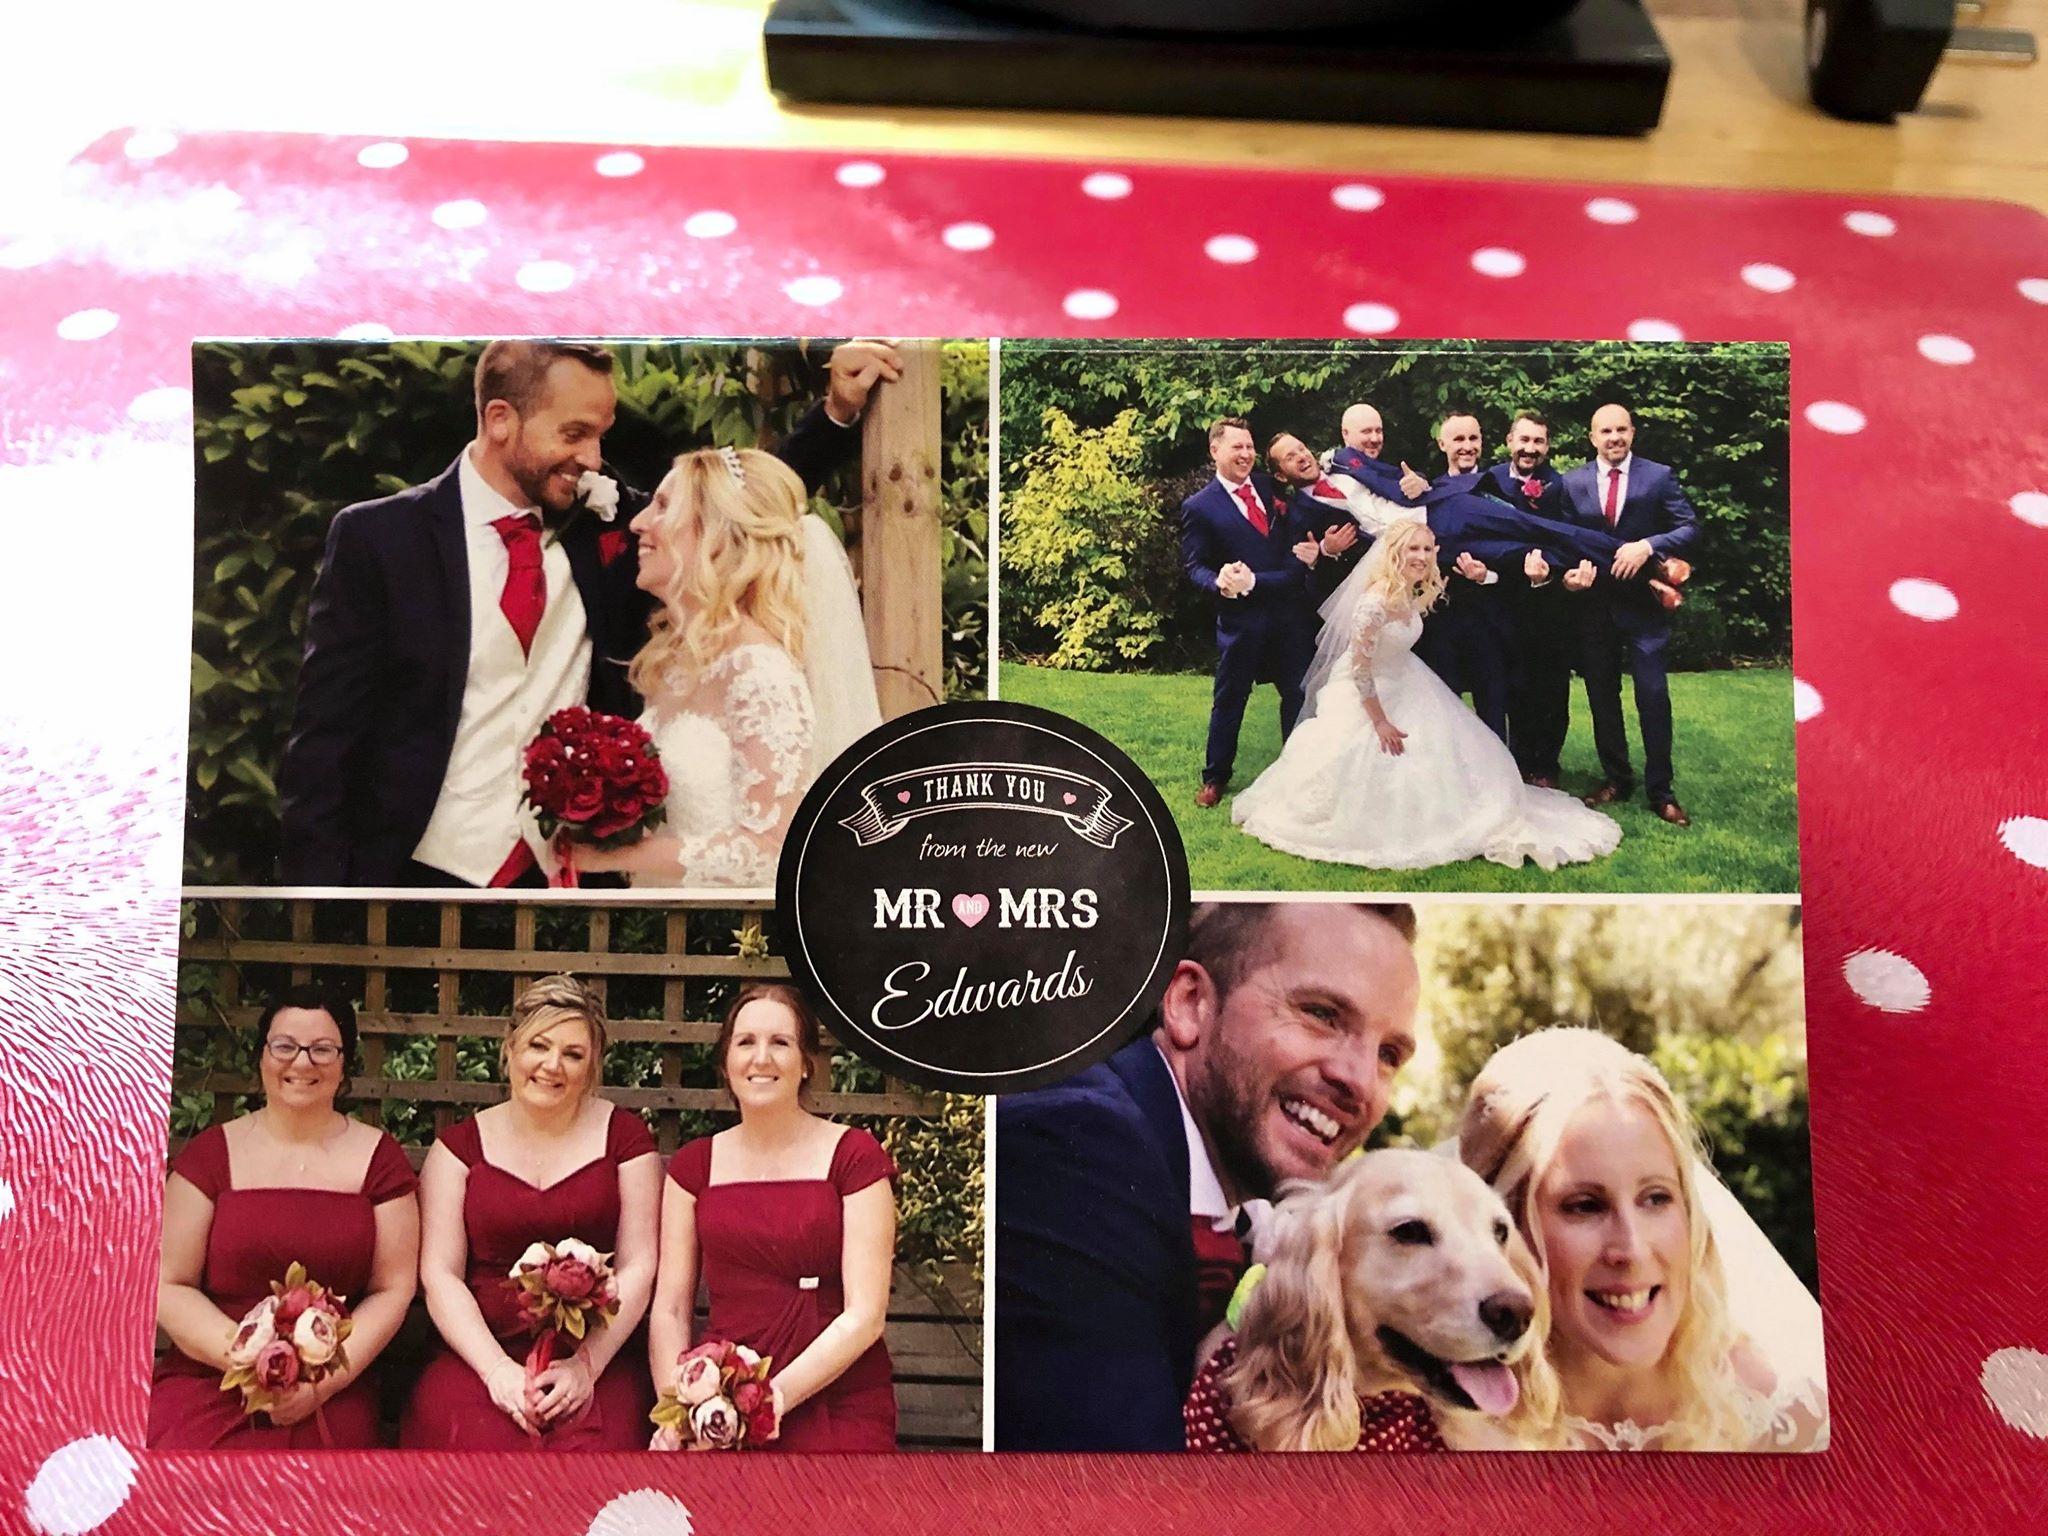 Wedding photos with dog - thank you card design